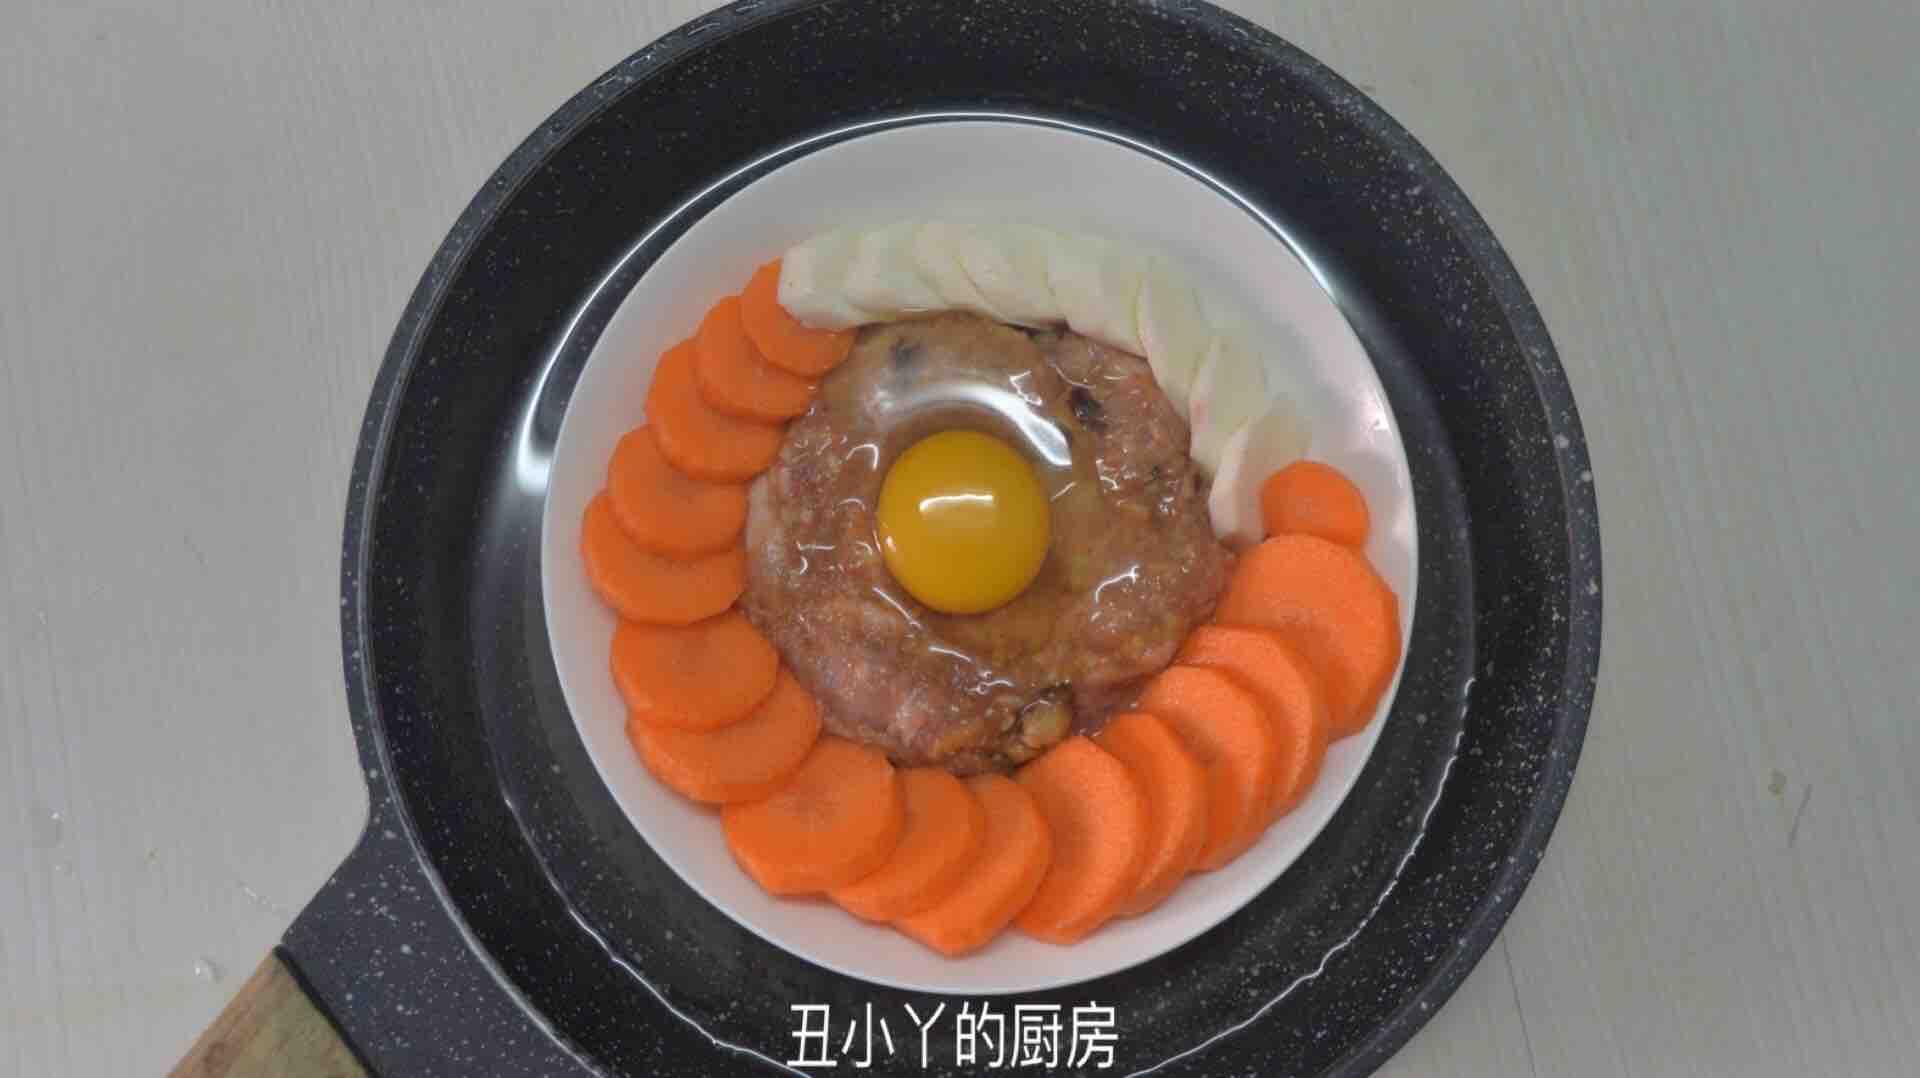 红萝卜+山药+马蹄蒸肉饼+蒸蛋怎么做